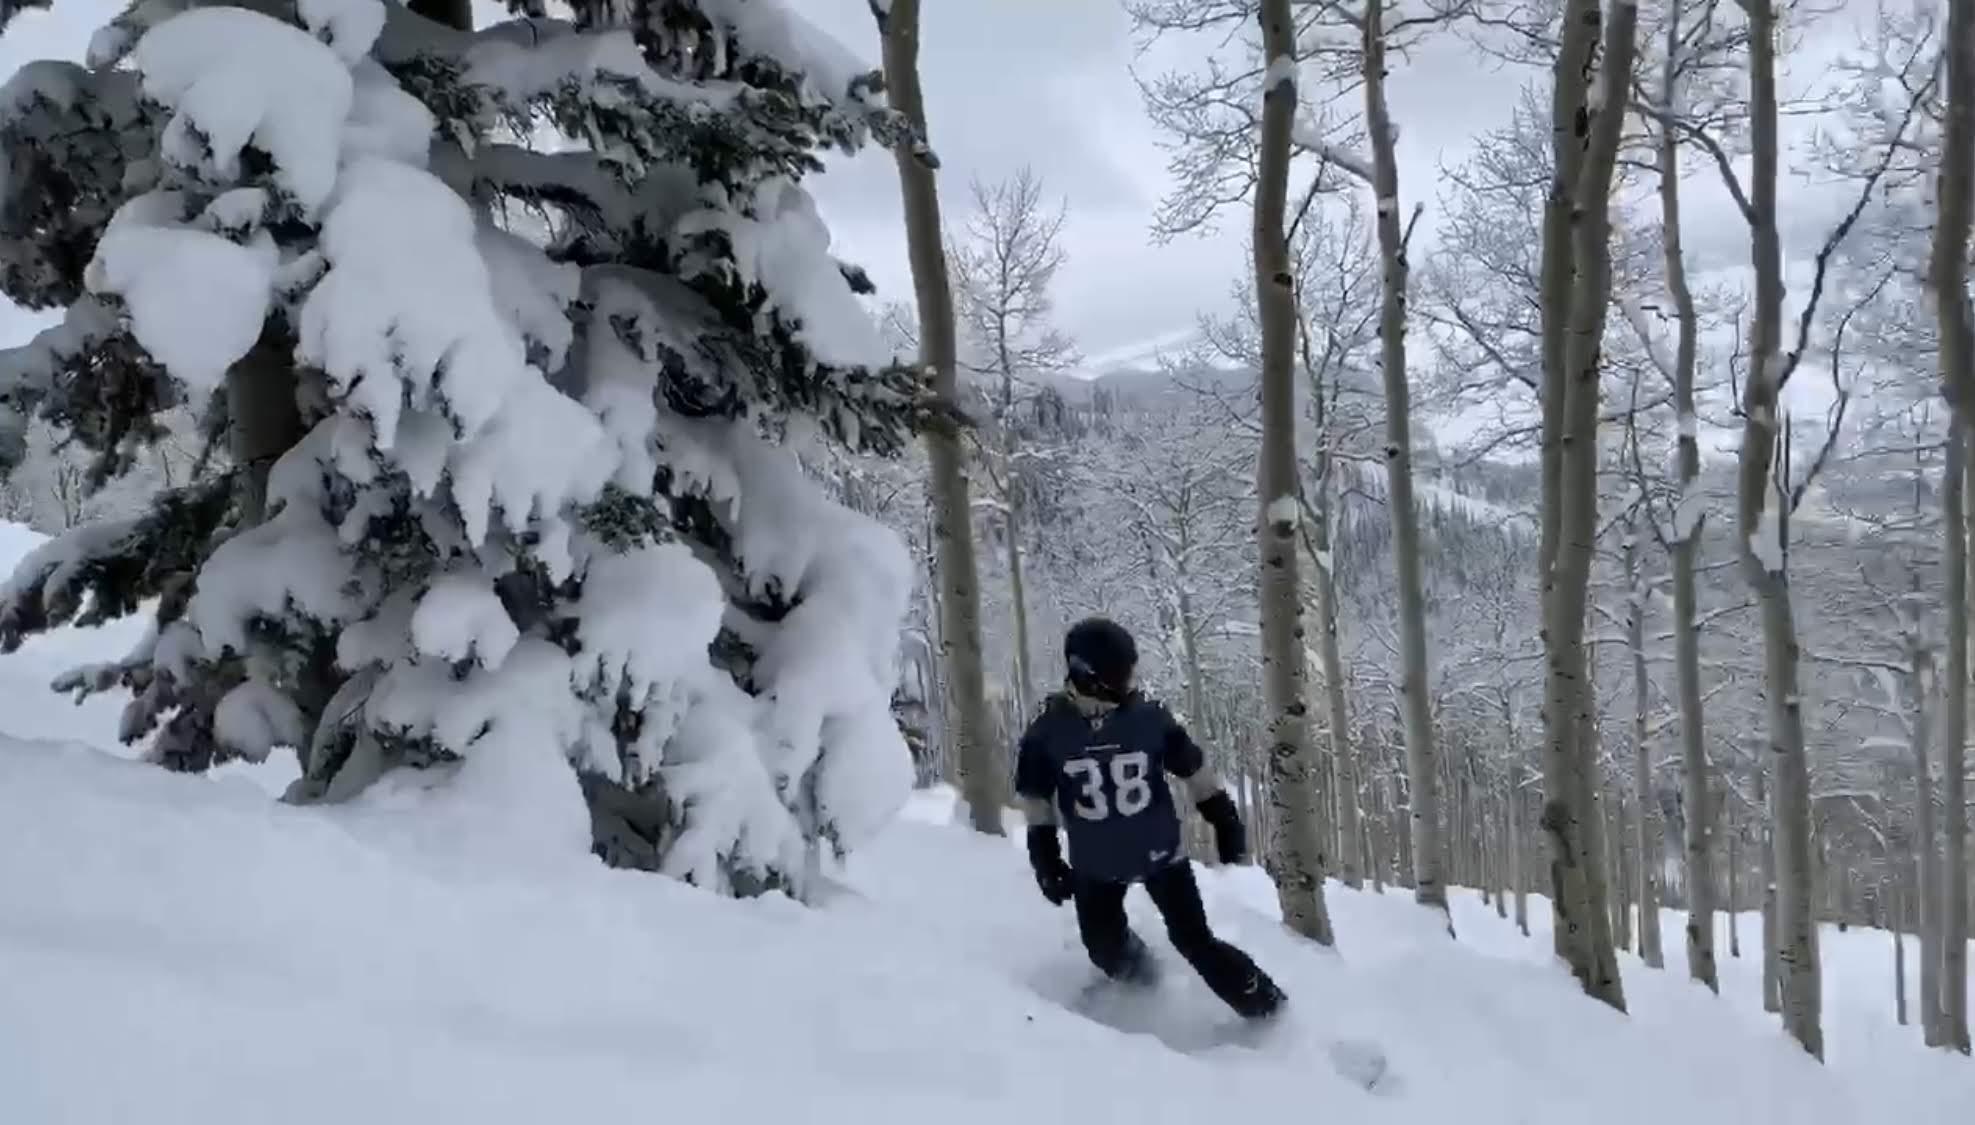 Joe snowboarding at Steamboat Springs on IKON pass